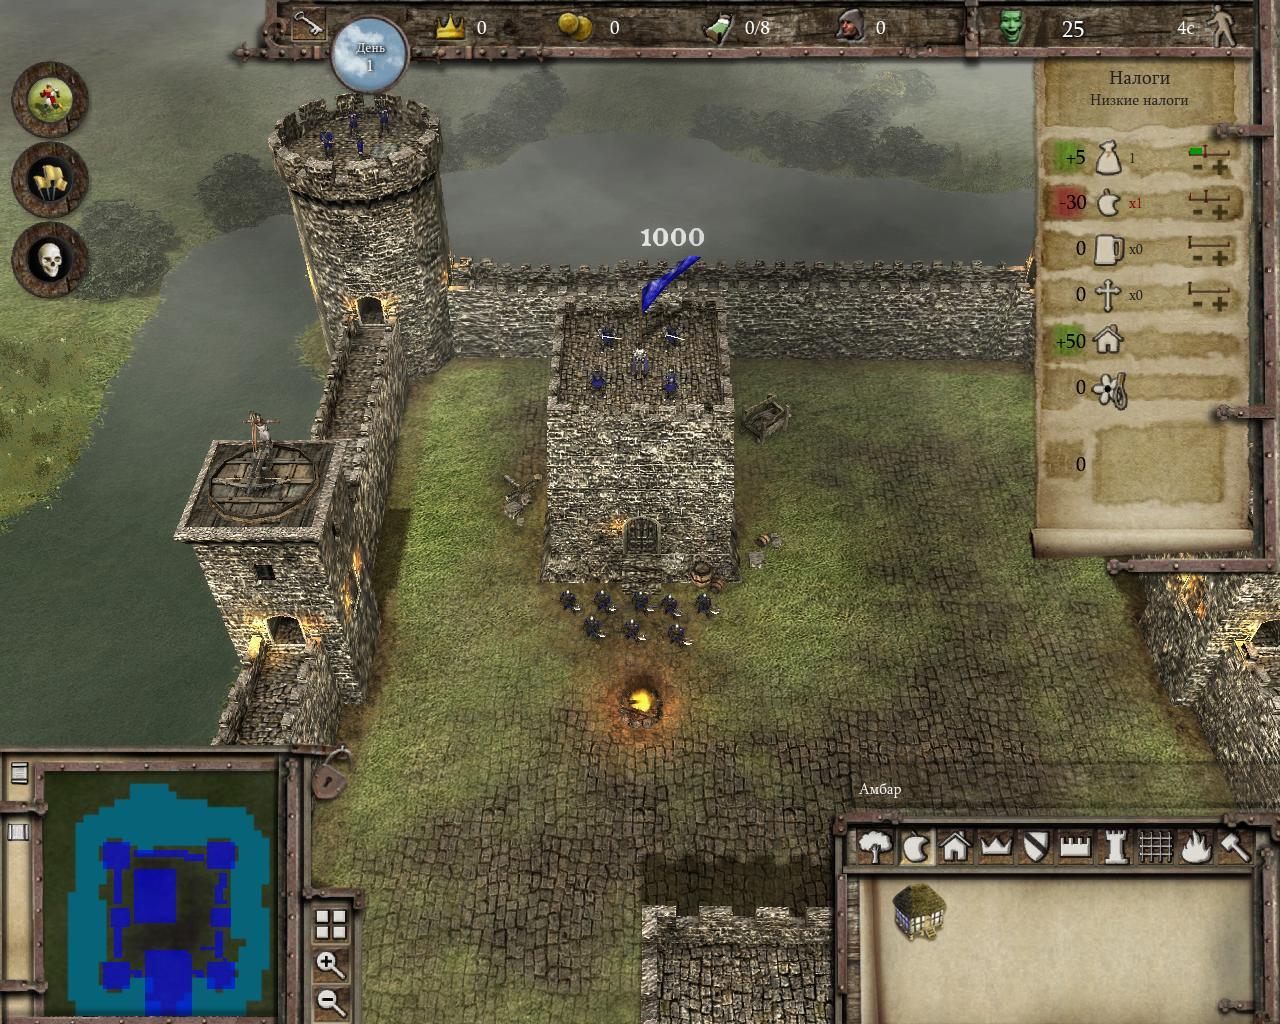 Русификатор текст/звук для Stronghold 3 скачать бесплатно.